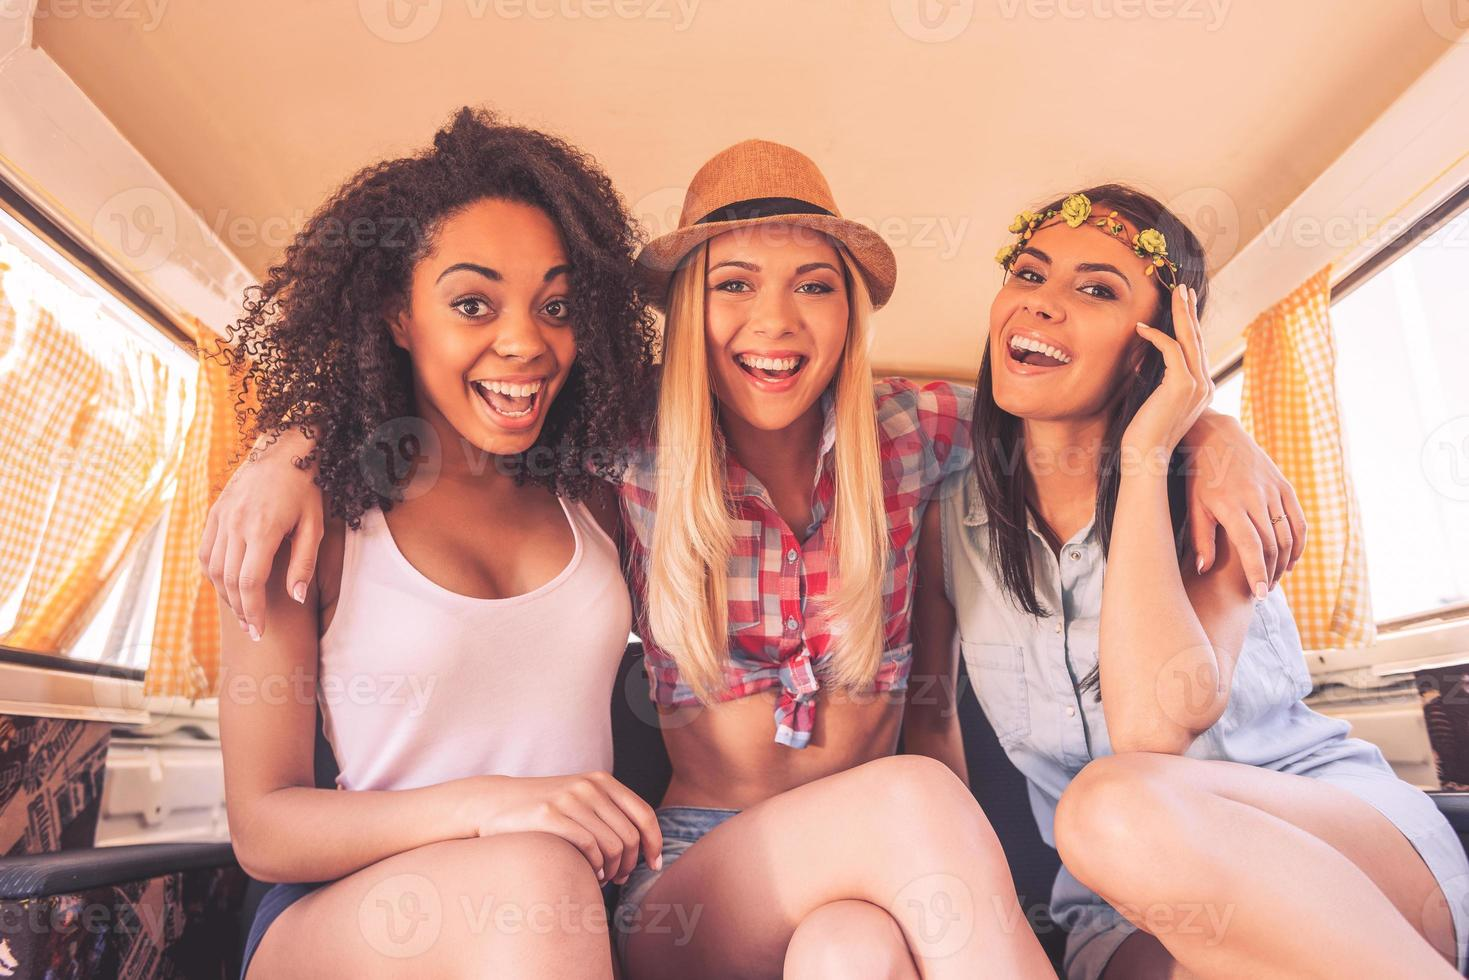 Les filles veulent juste s'amuser. photo